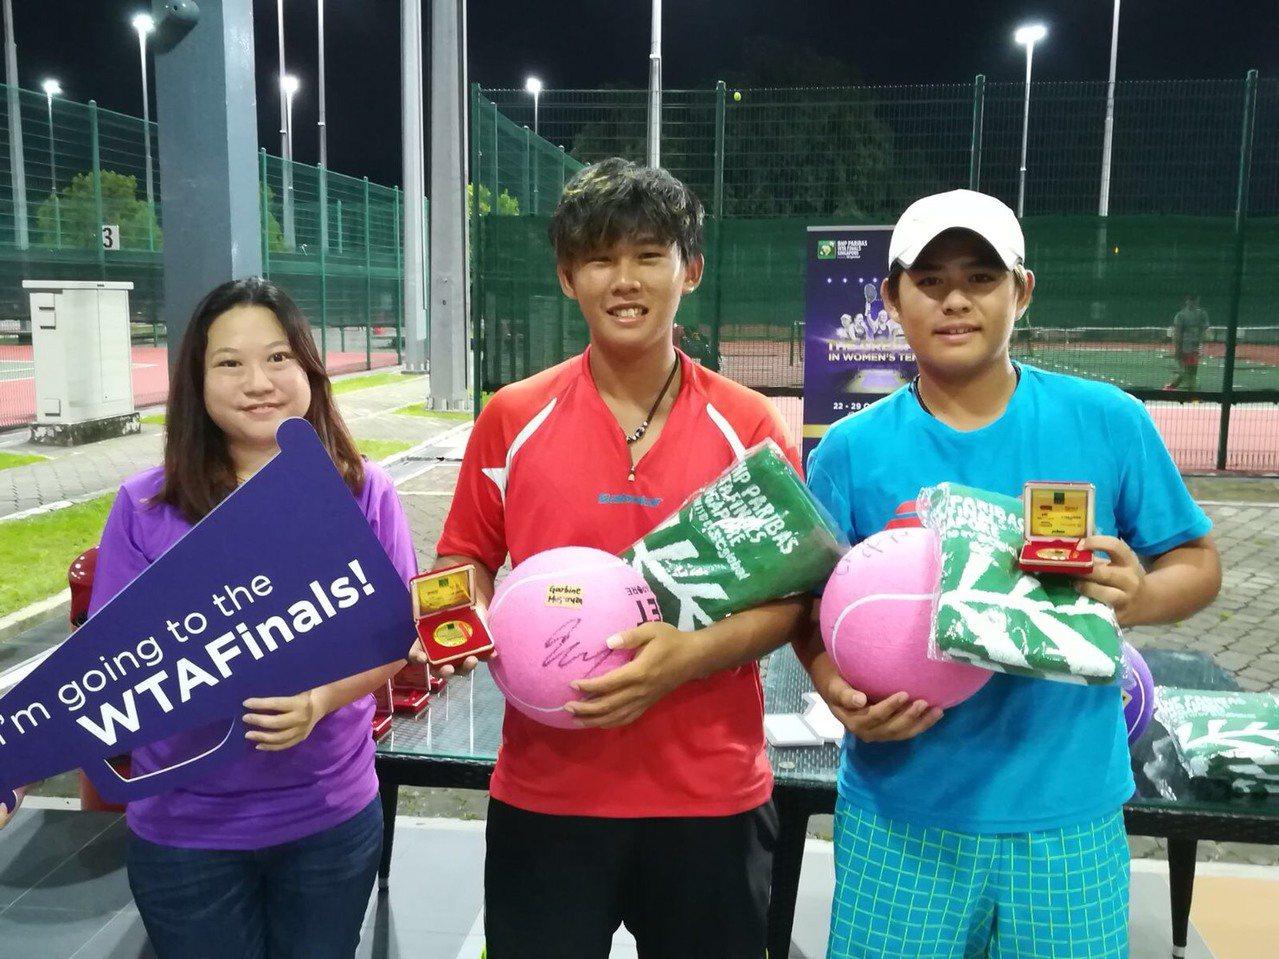 余桀丞(右)和哥哥余驊宸(中)贏得ITF新加坡等站雙打冠軍,哥哥還奪下個人冠軍。...